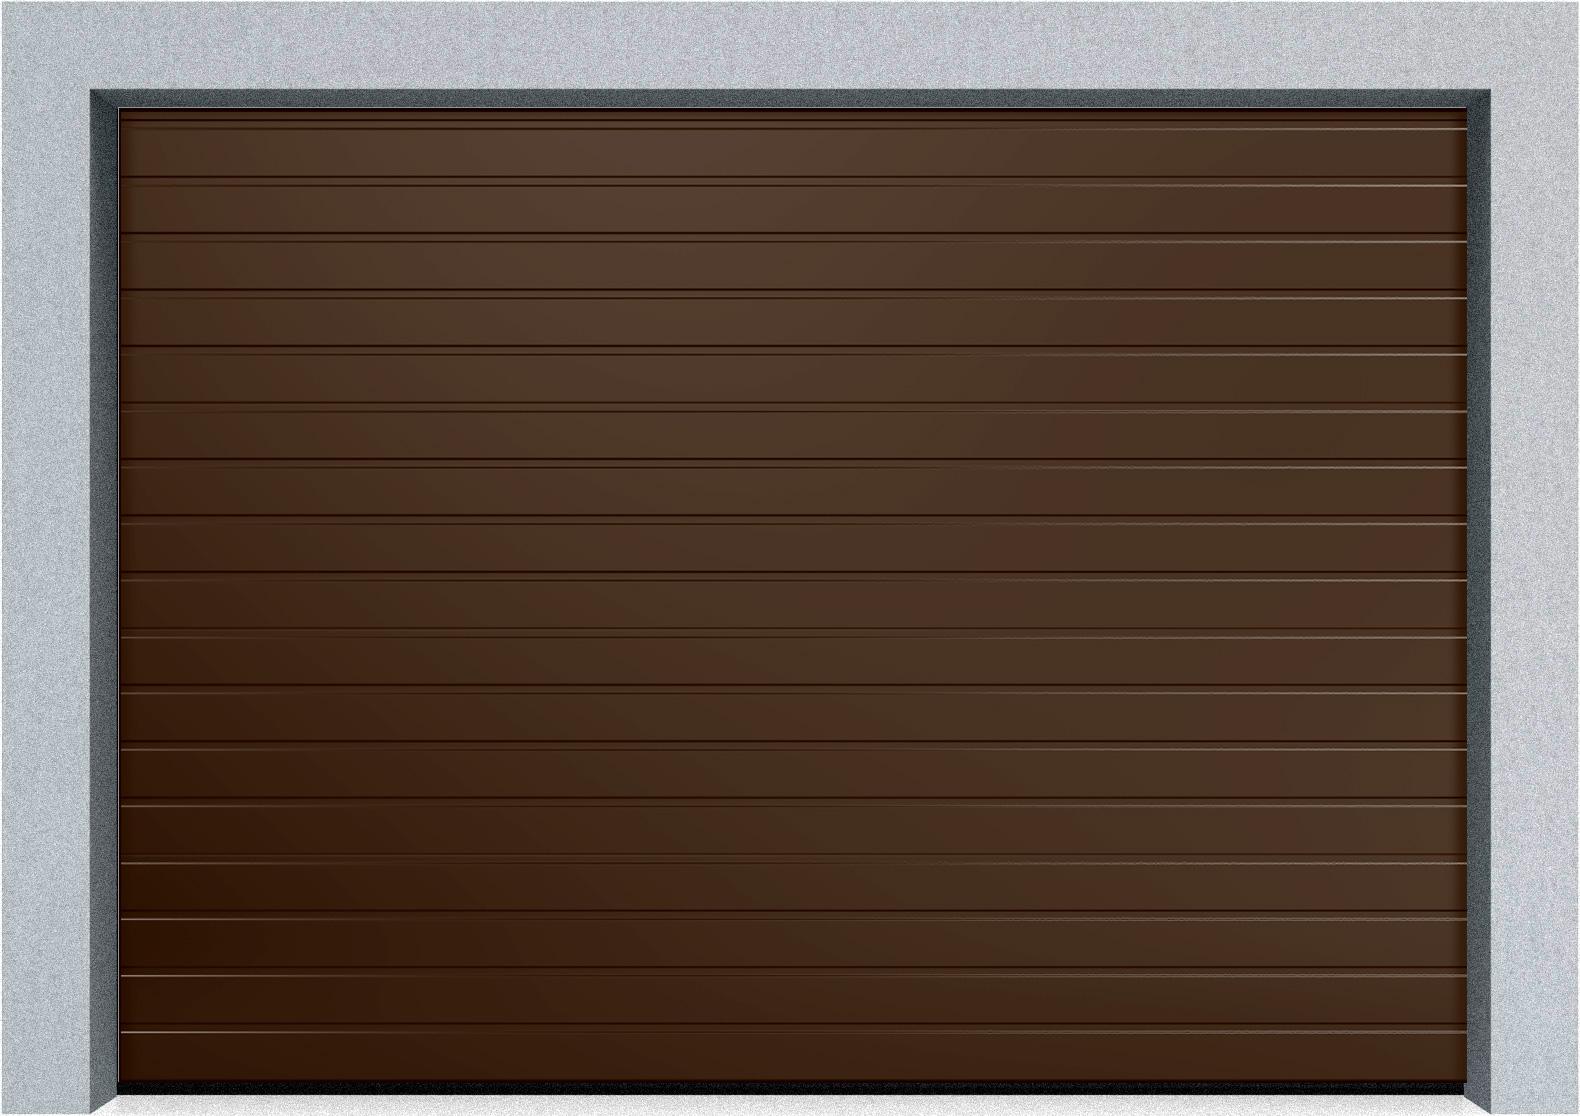 Секционные промышленные ворота Alutech ProTrend 3375х2000 S-гофр, Микроволна стандартные цвета, фото 2